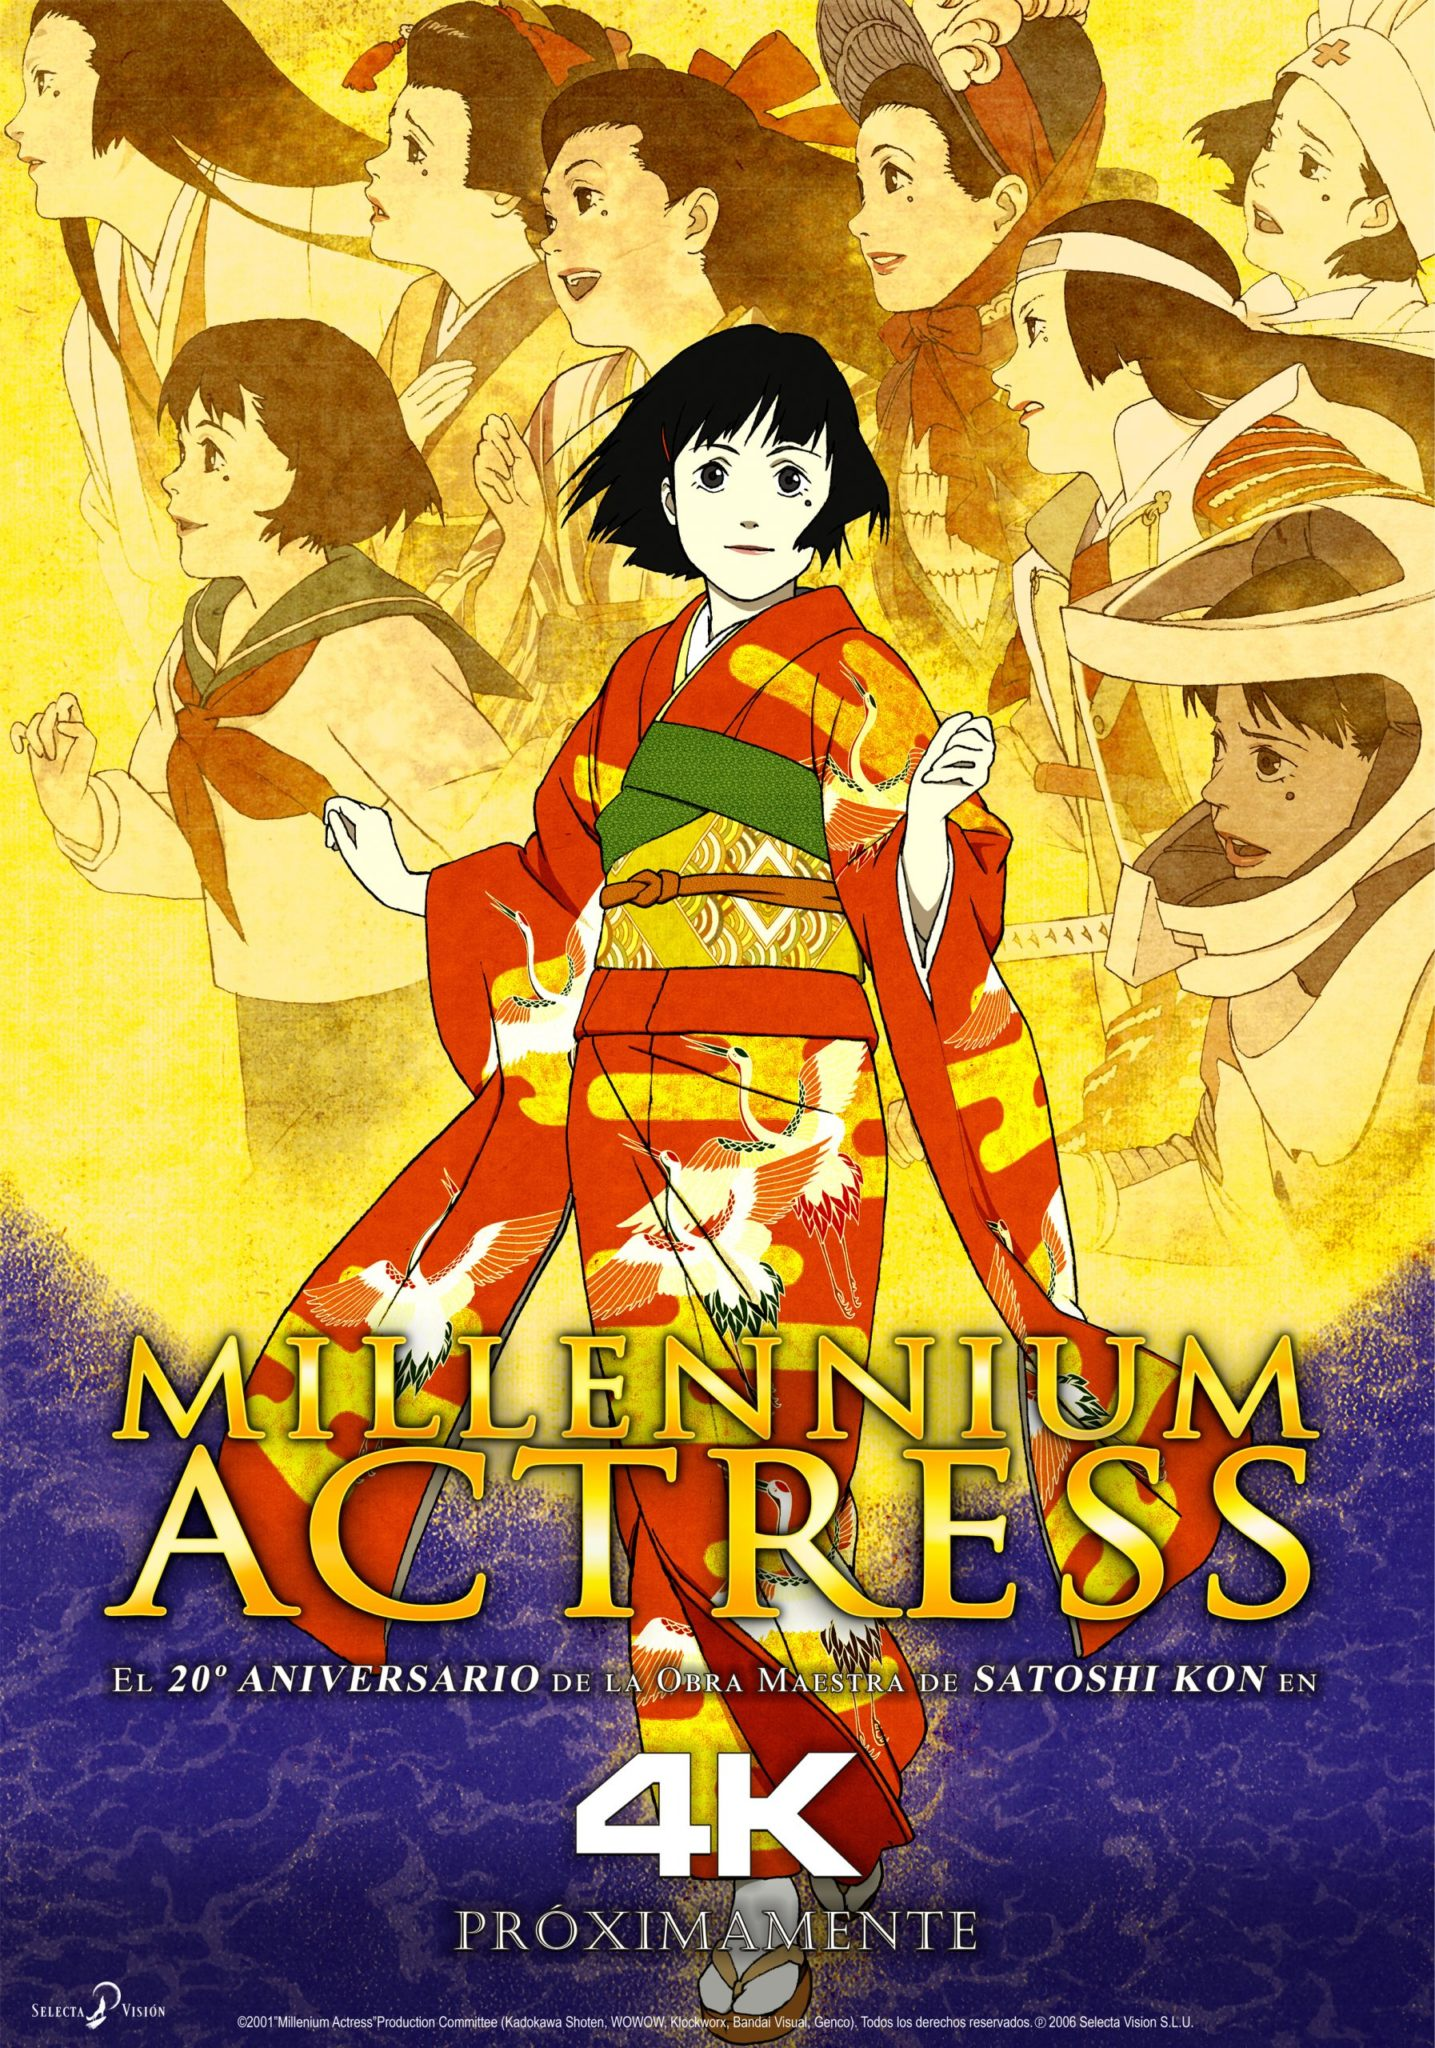 Poster_MilleniumActress4K_20th